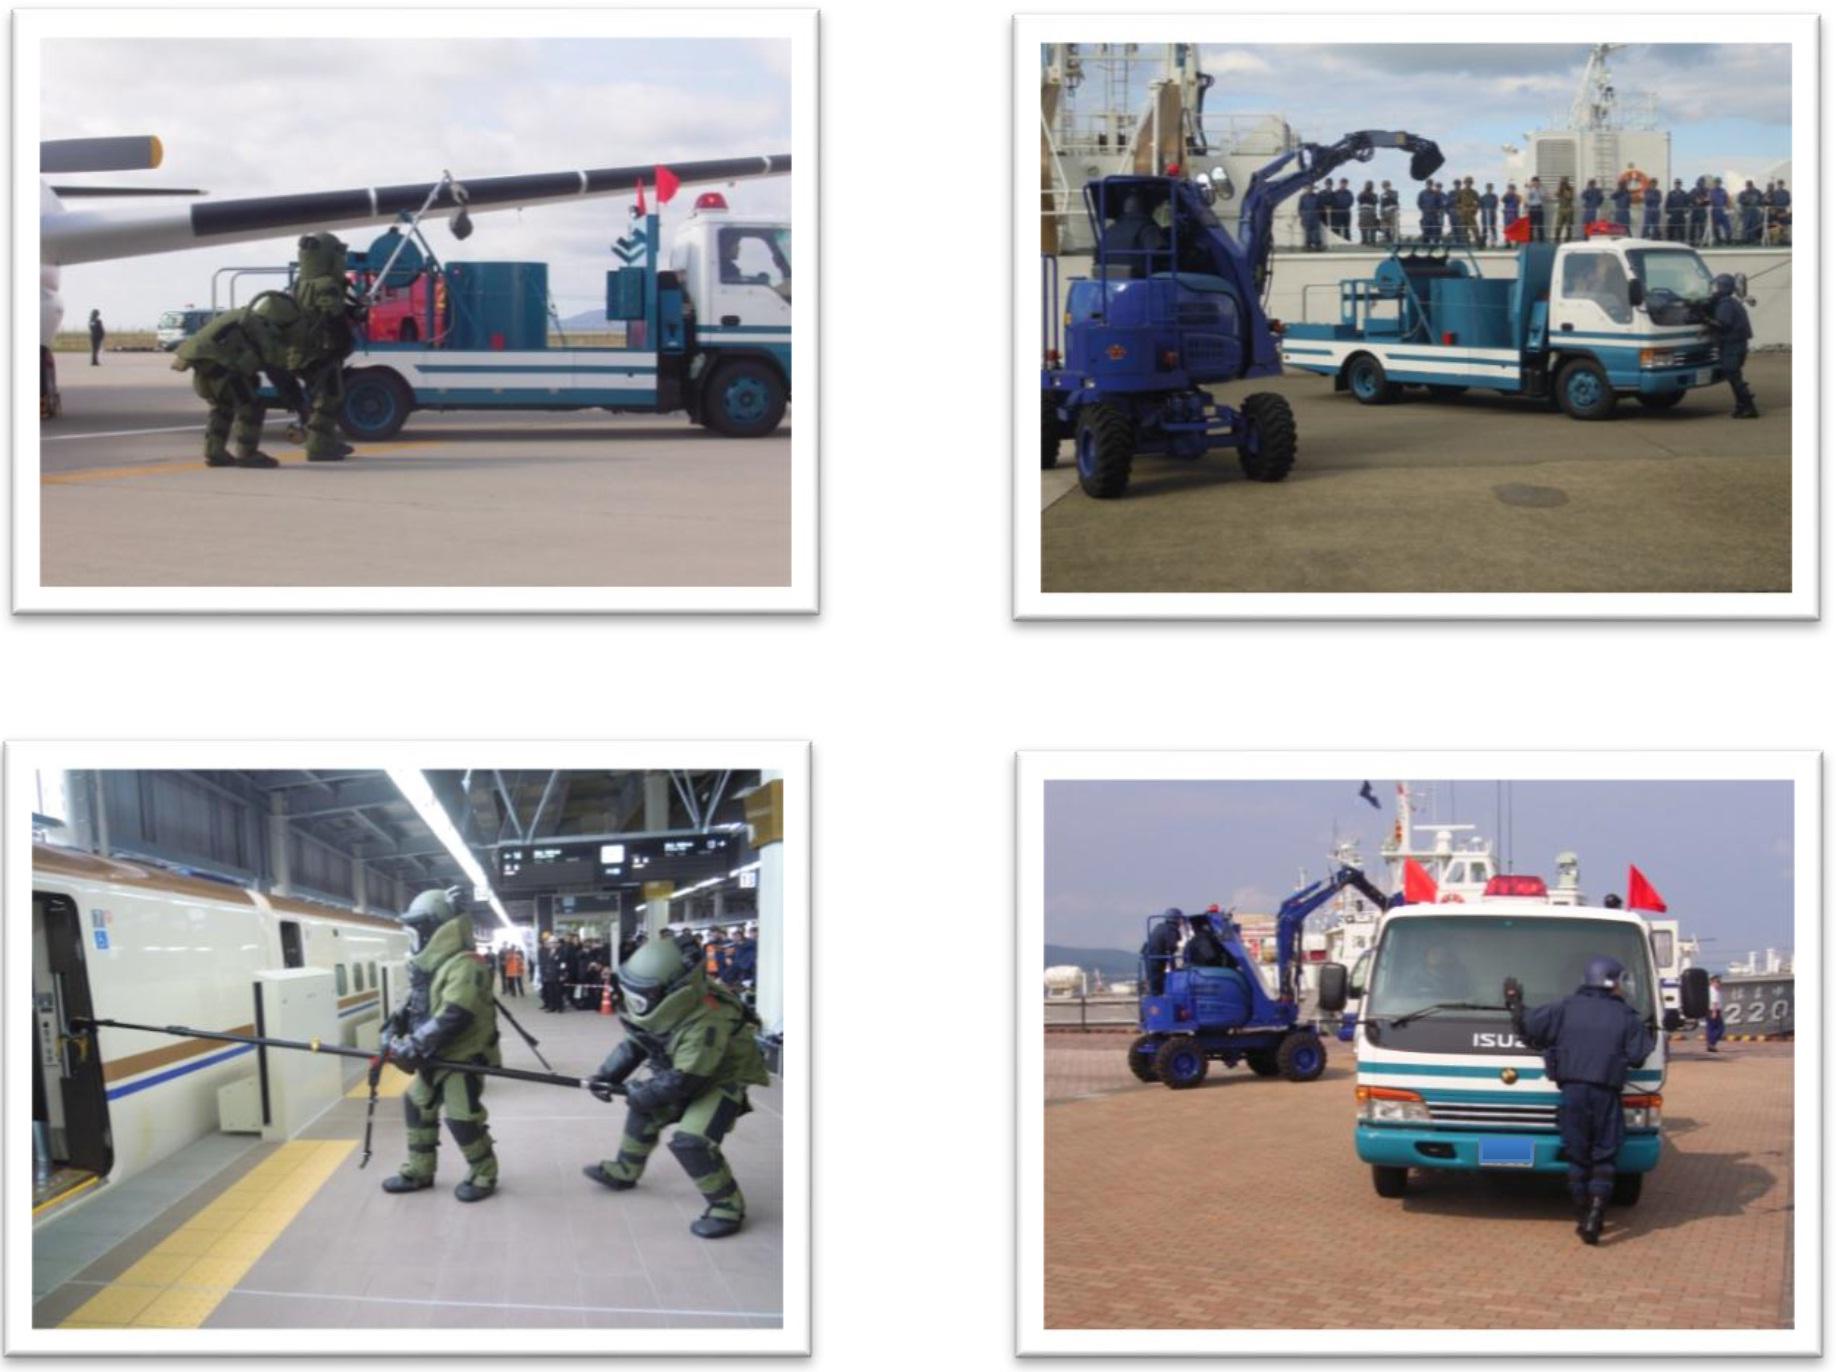 爆発物処理班 - 石川県警察本部